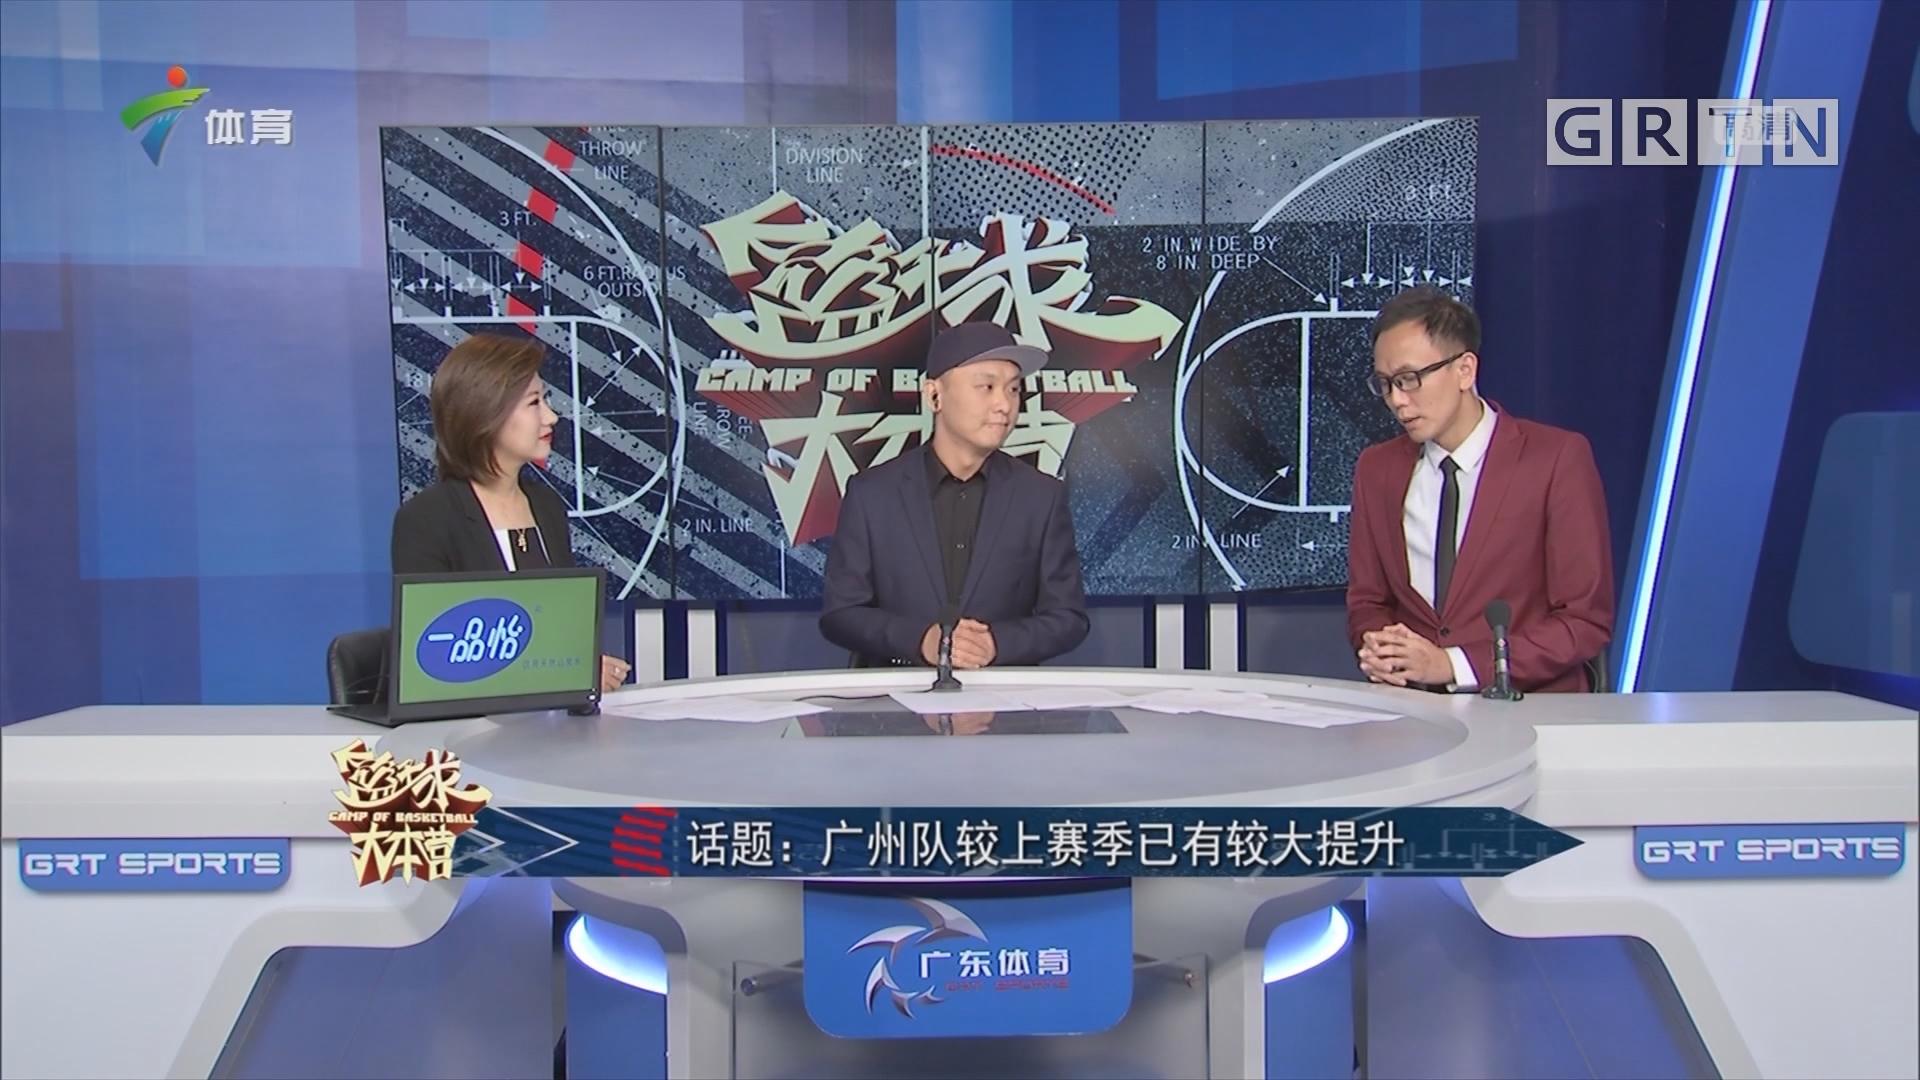 话题:广州队较上赛季已有较大提升